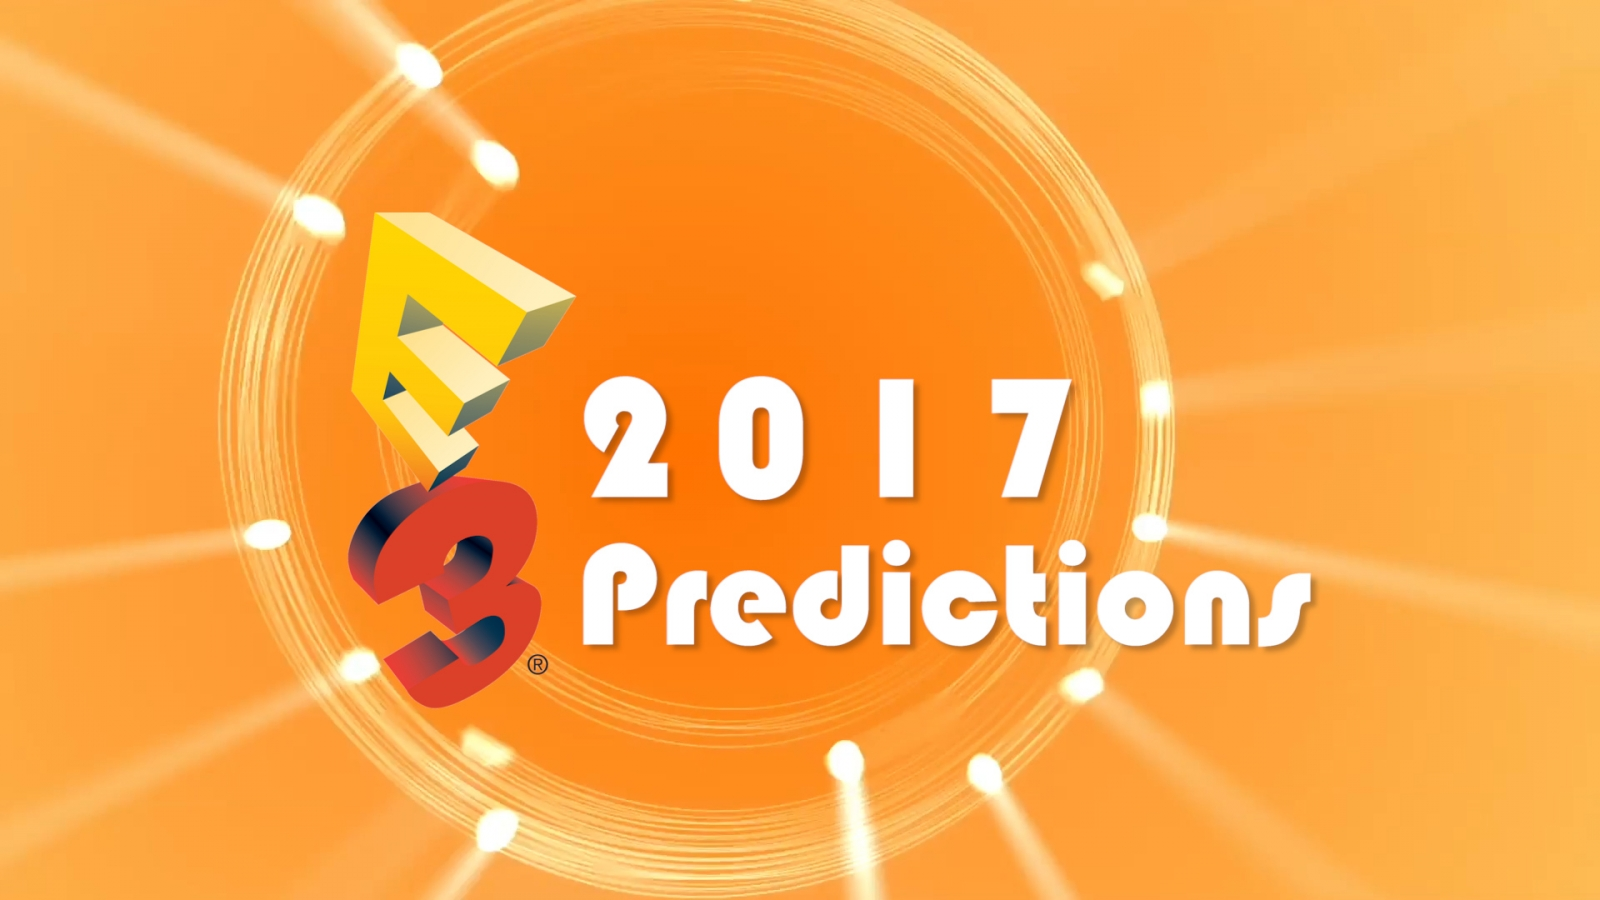 E3 2017 predictions